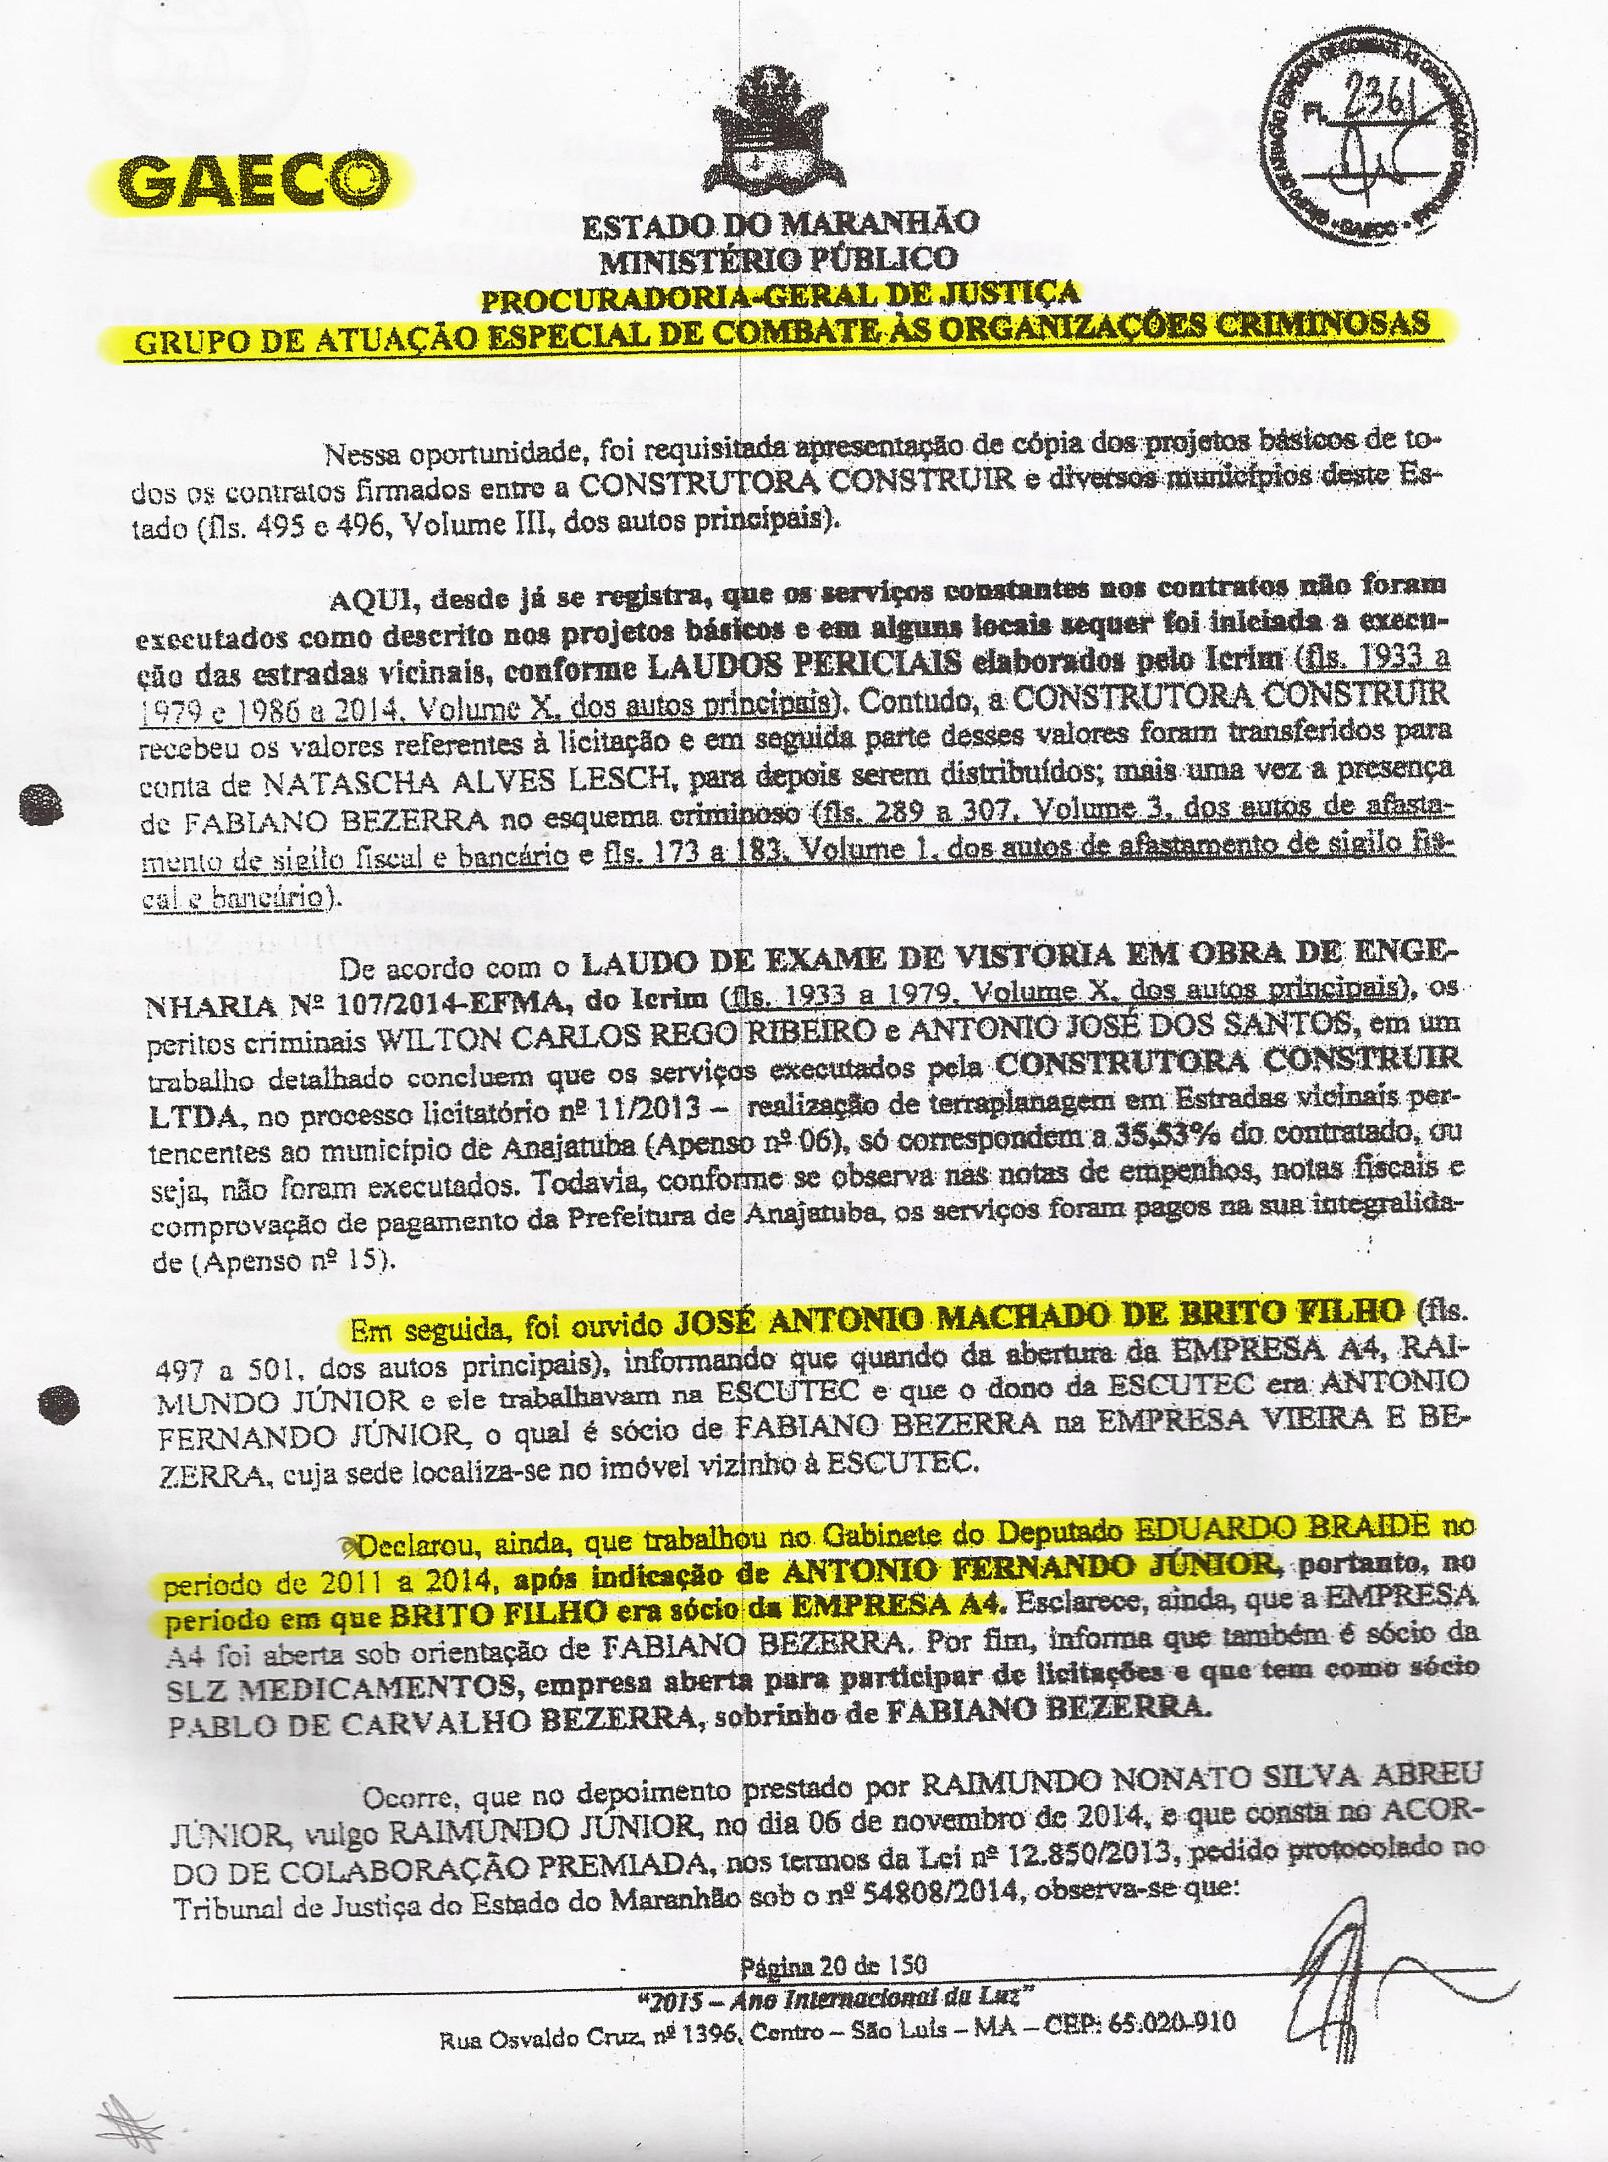 Folha de número 20 do PIC-Gaeco que mostra o emprego fantasma dado por Eduardo Braide ao sócio laranja da empresa de fachada A4